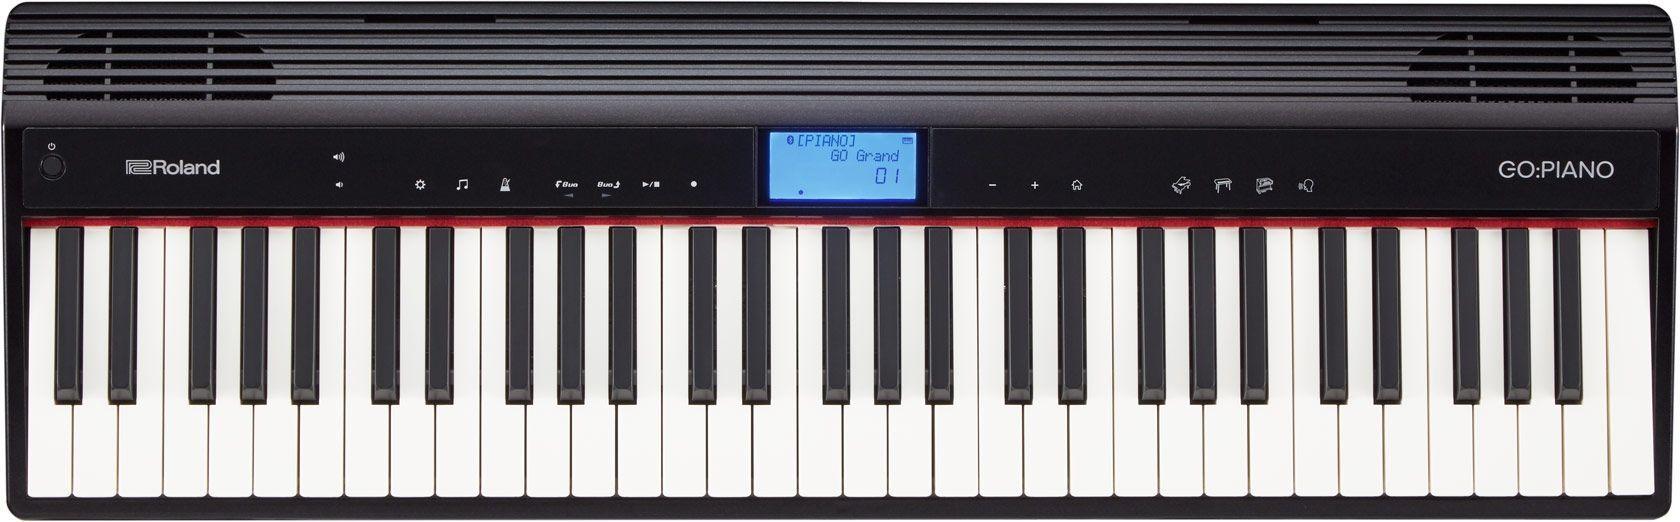 Roland Go Piano Stagepiano mit Lautsprechern, 61 Tasten mit Anschlagdynamik